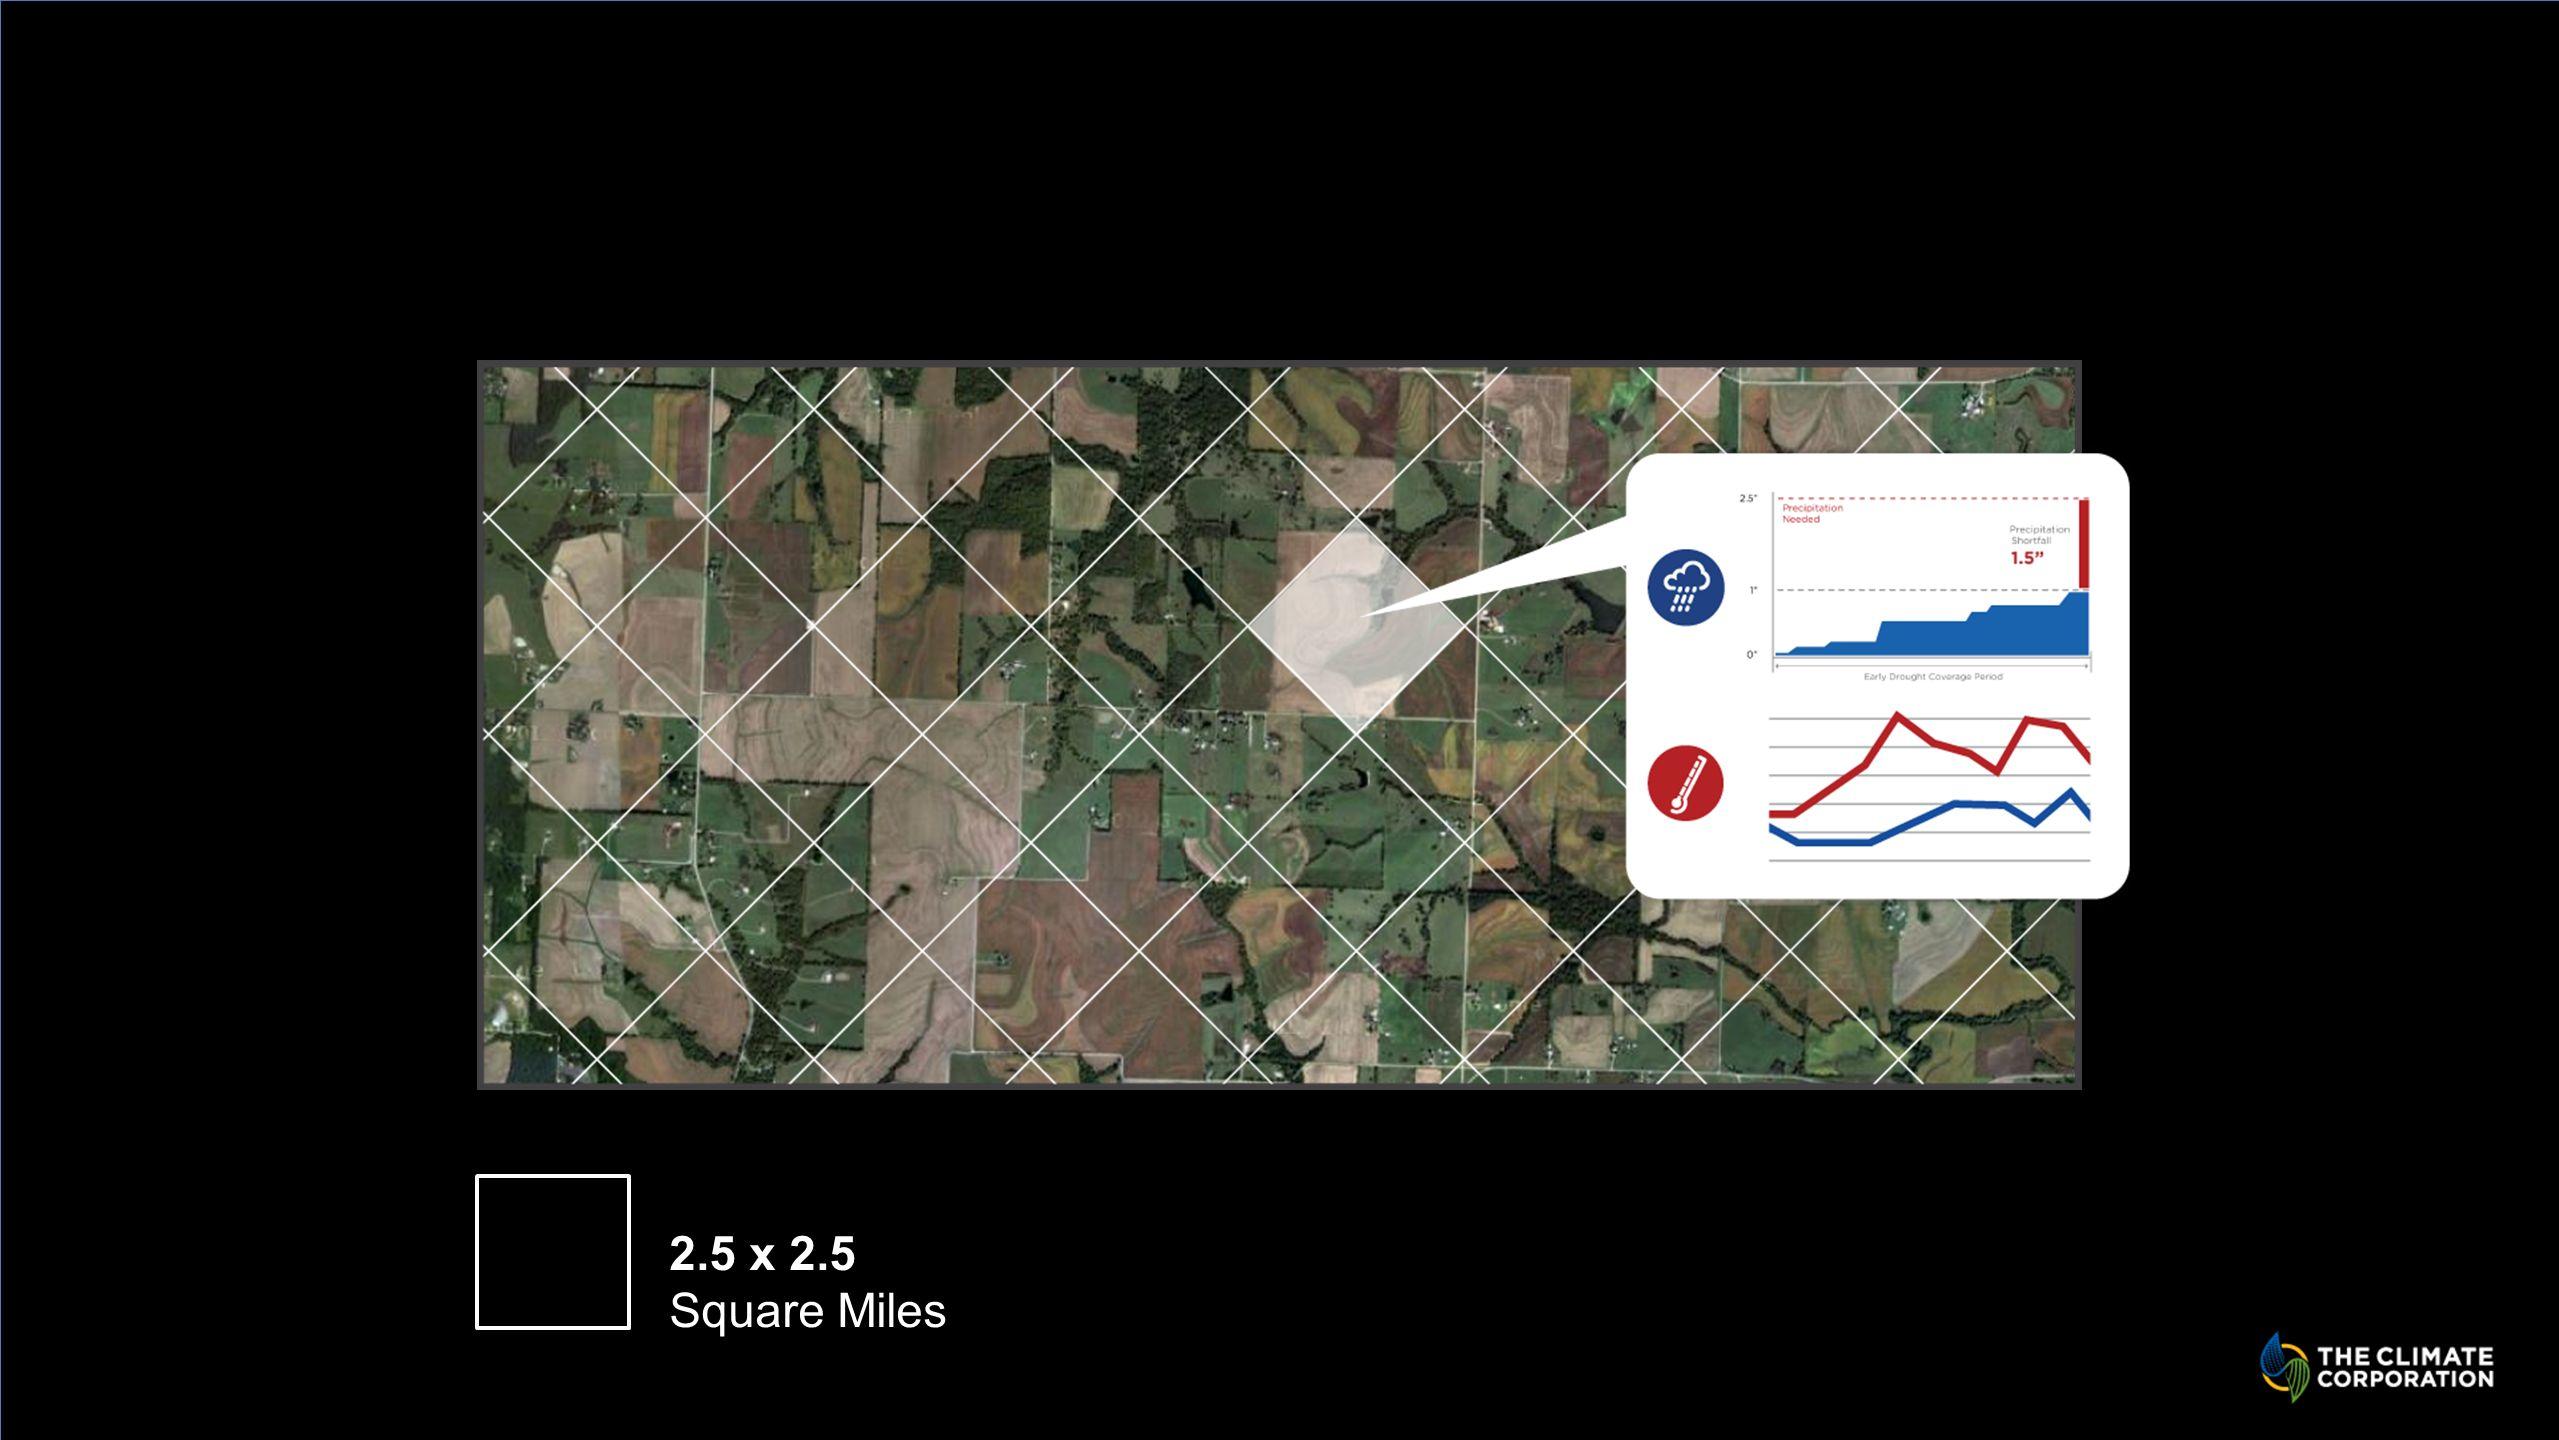 2.5 x 2.5 Square Miles